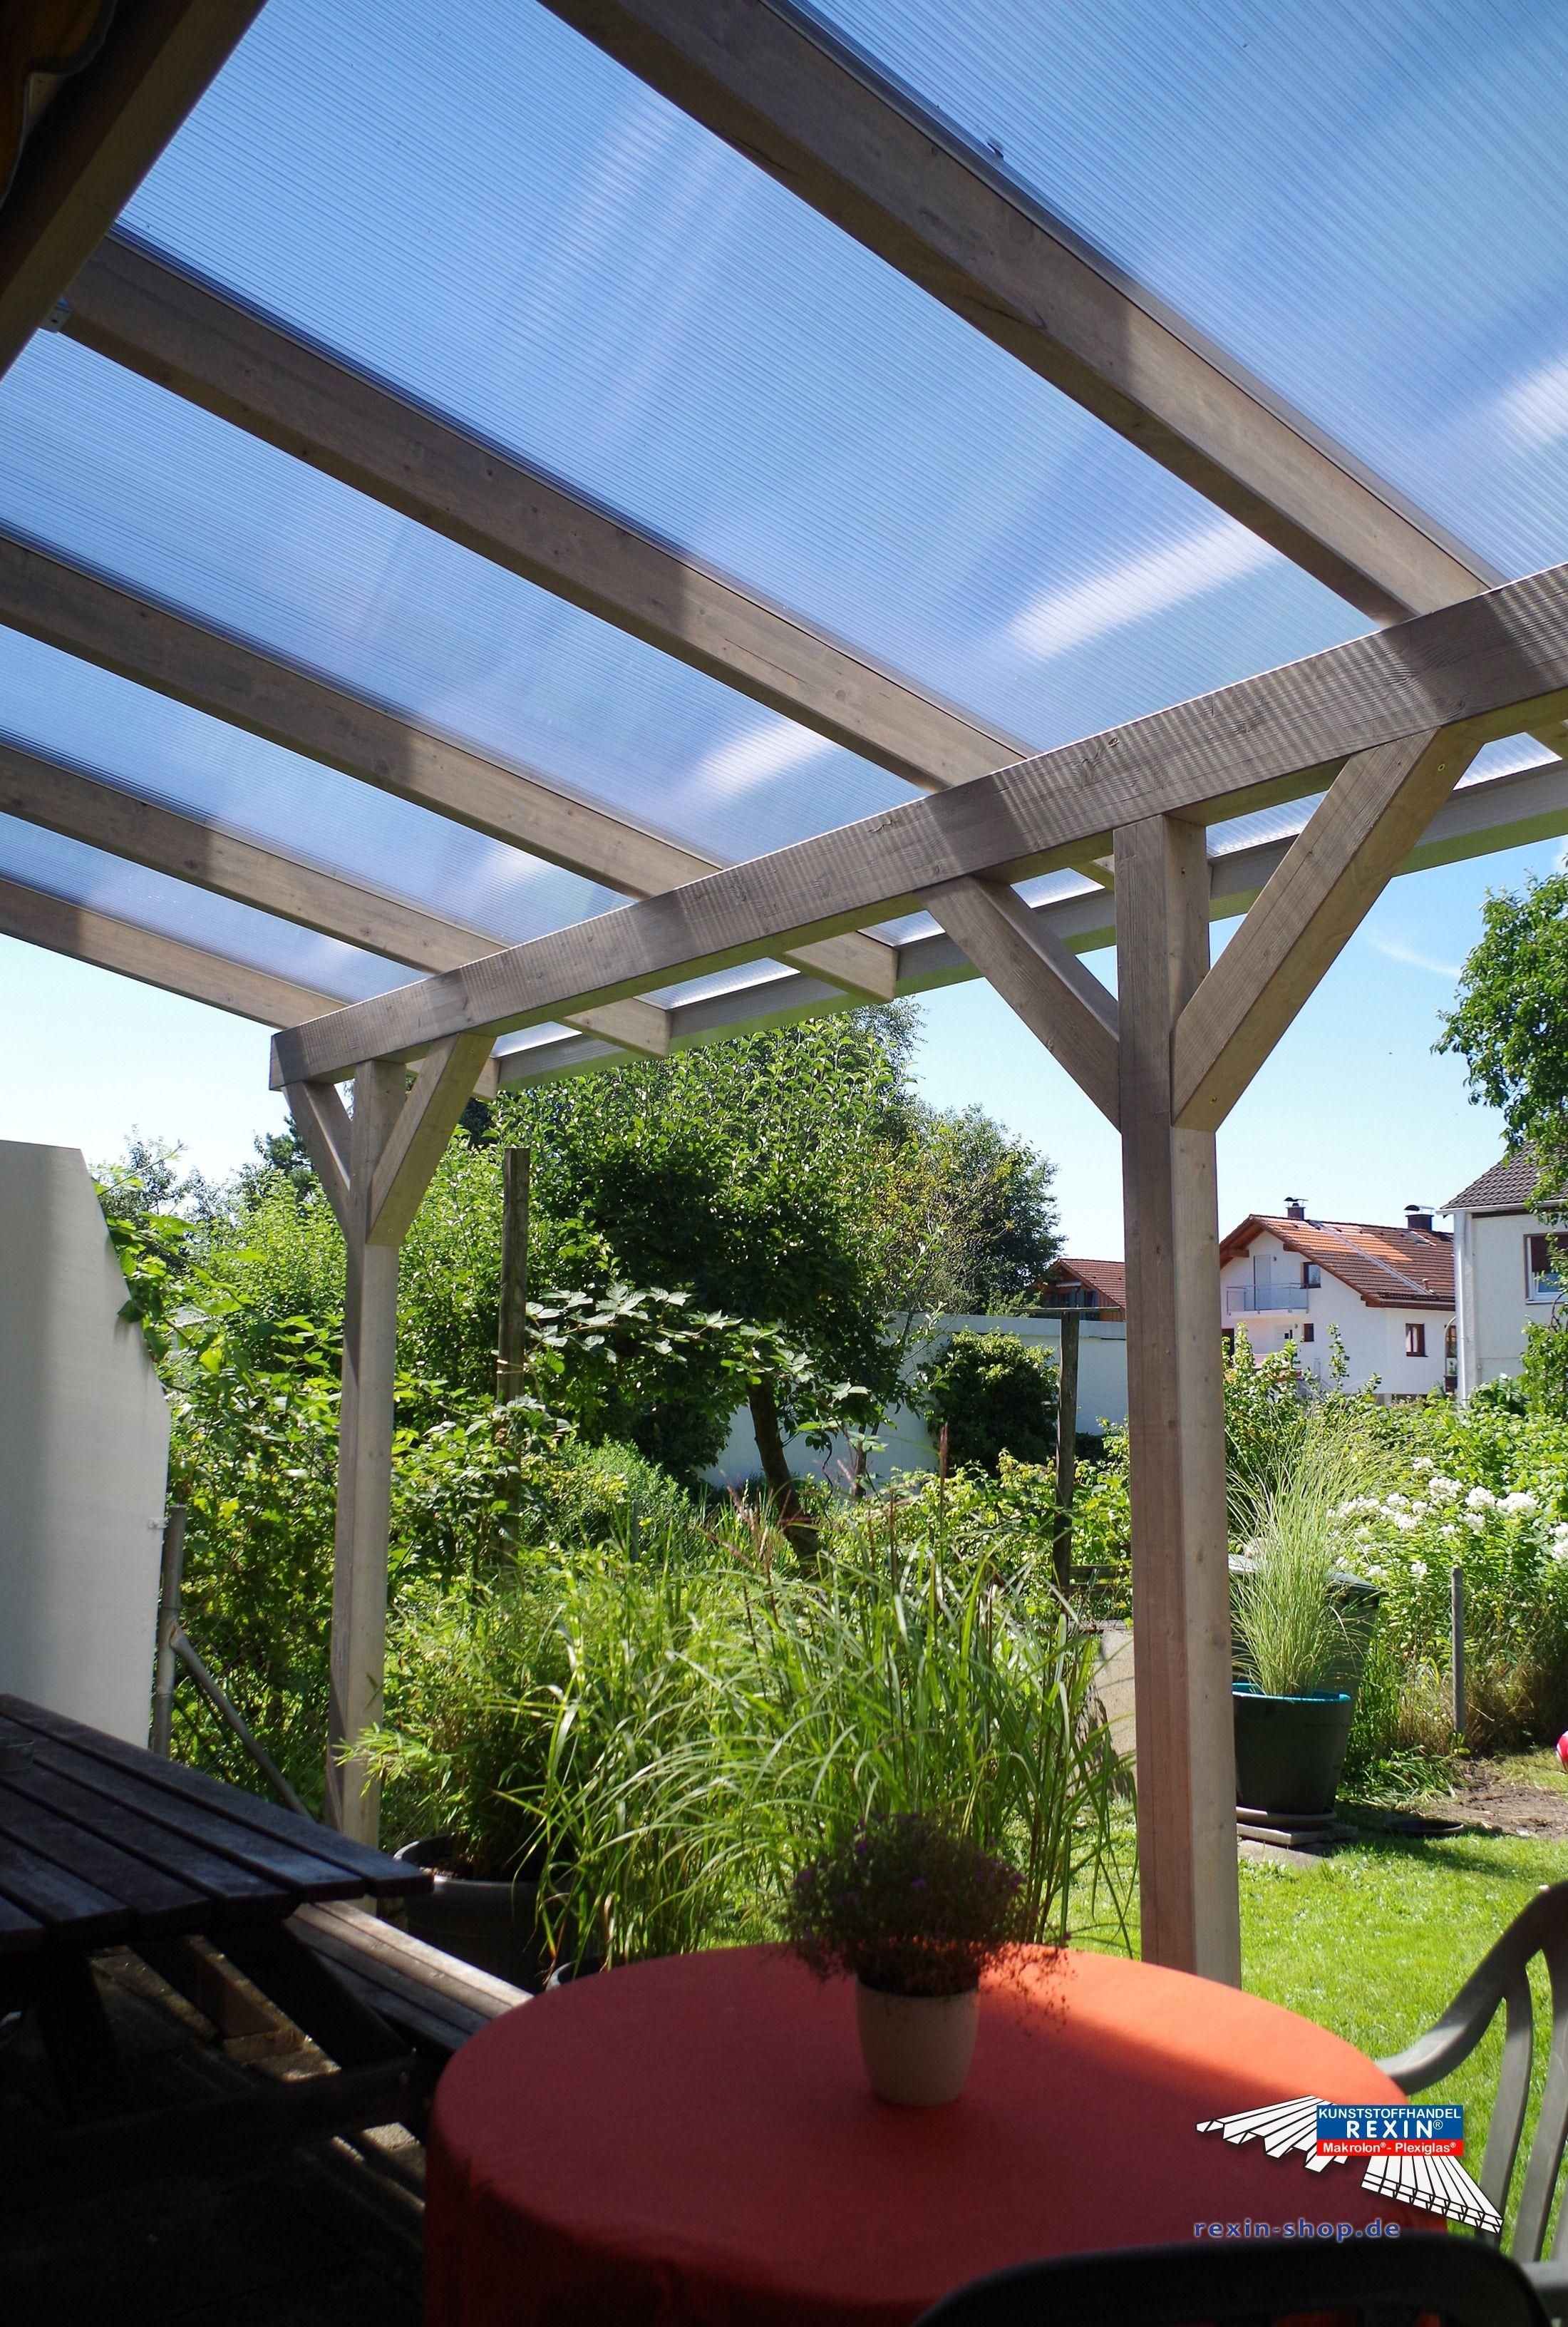 Ein Holz Terrassendach Der Marke Rexocomplete 7m X 2 5m Mit